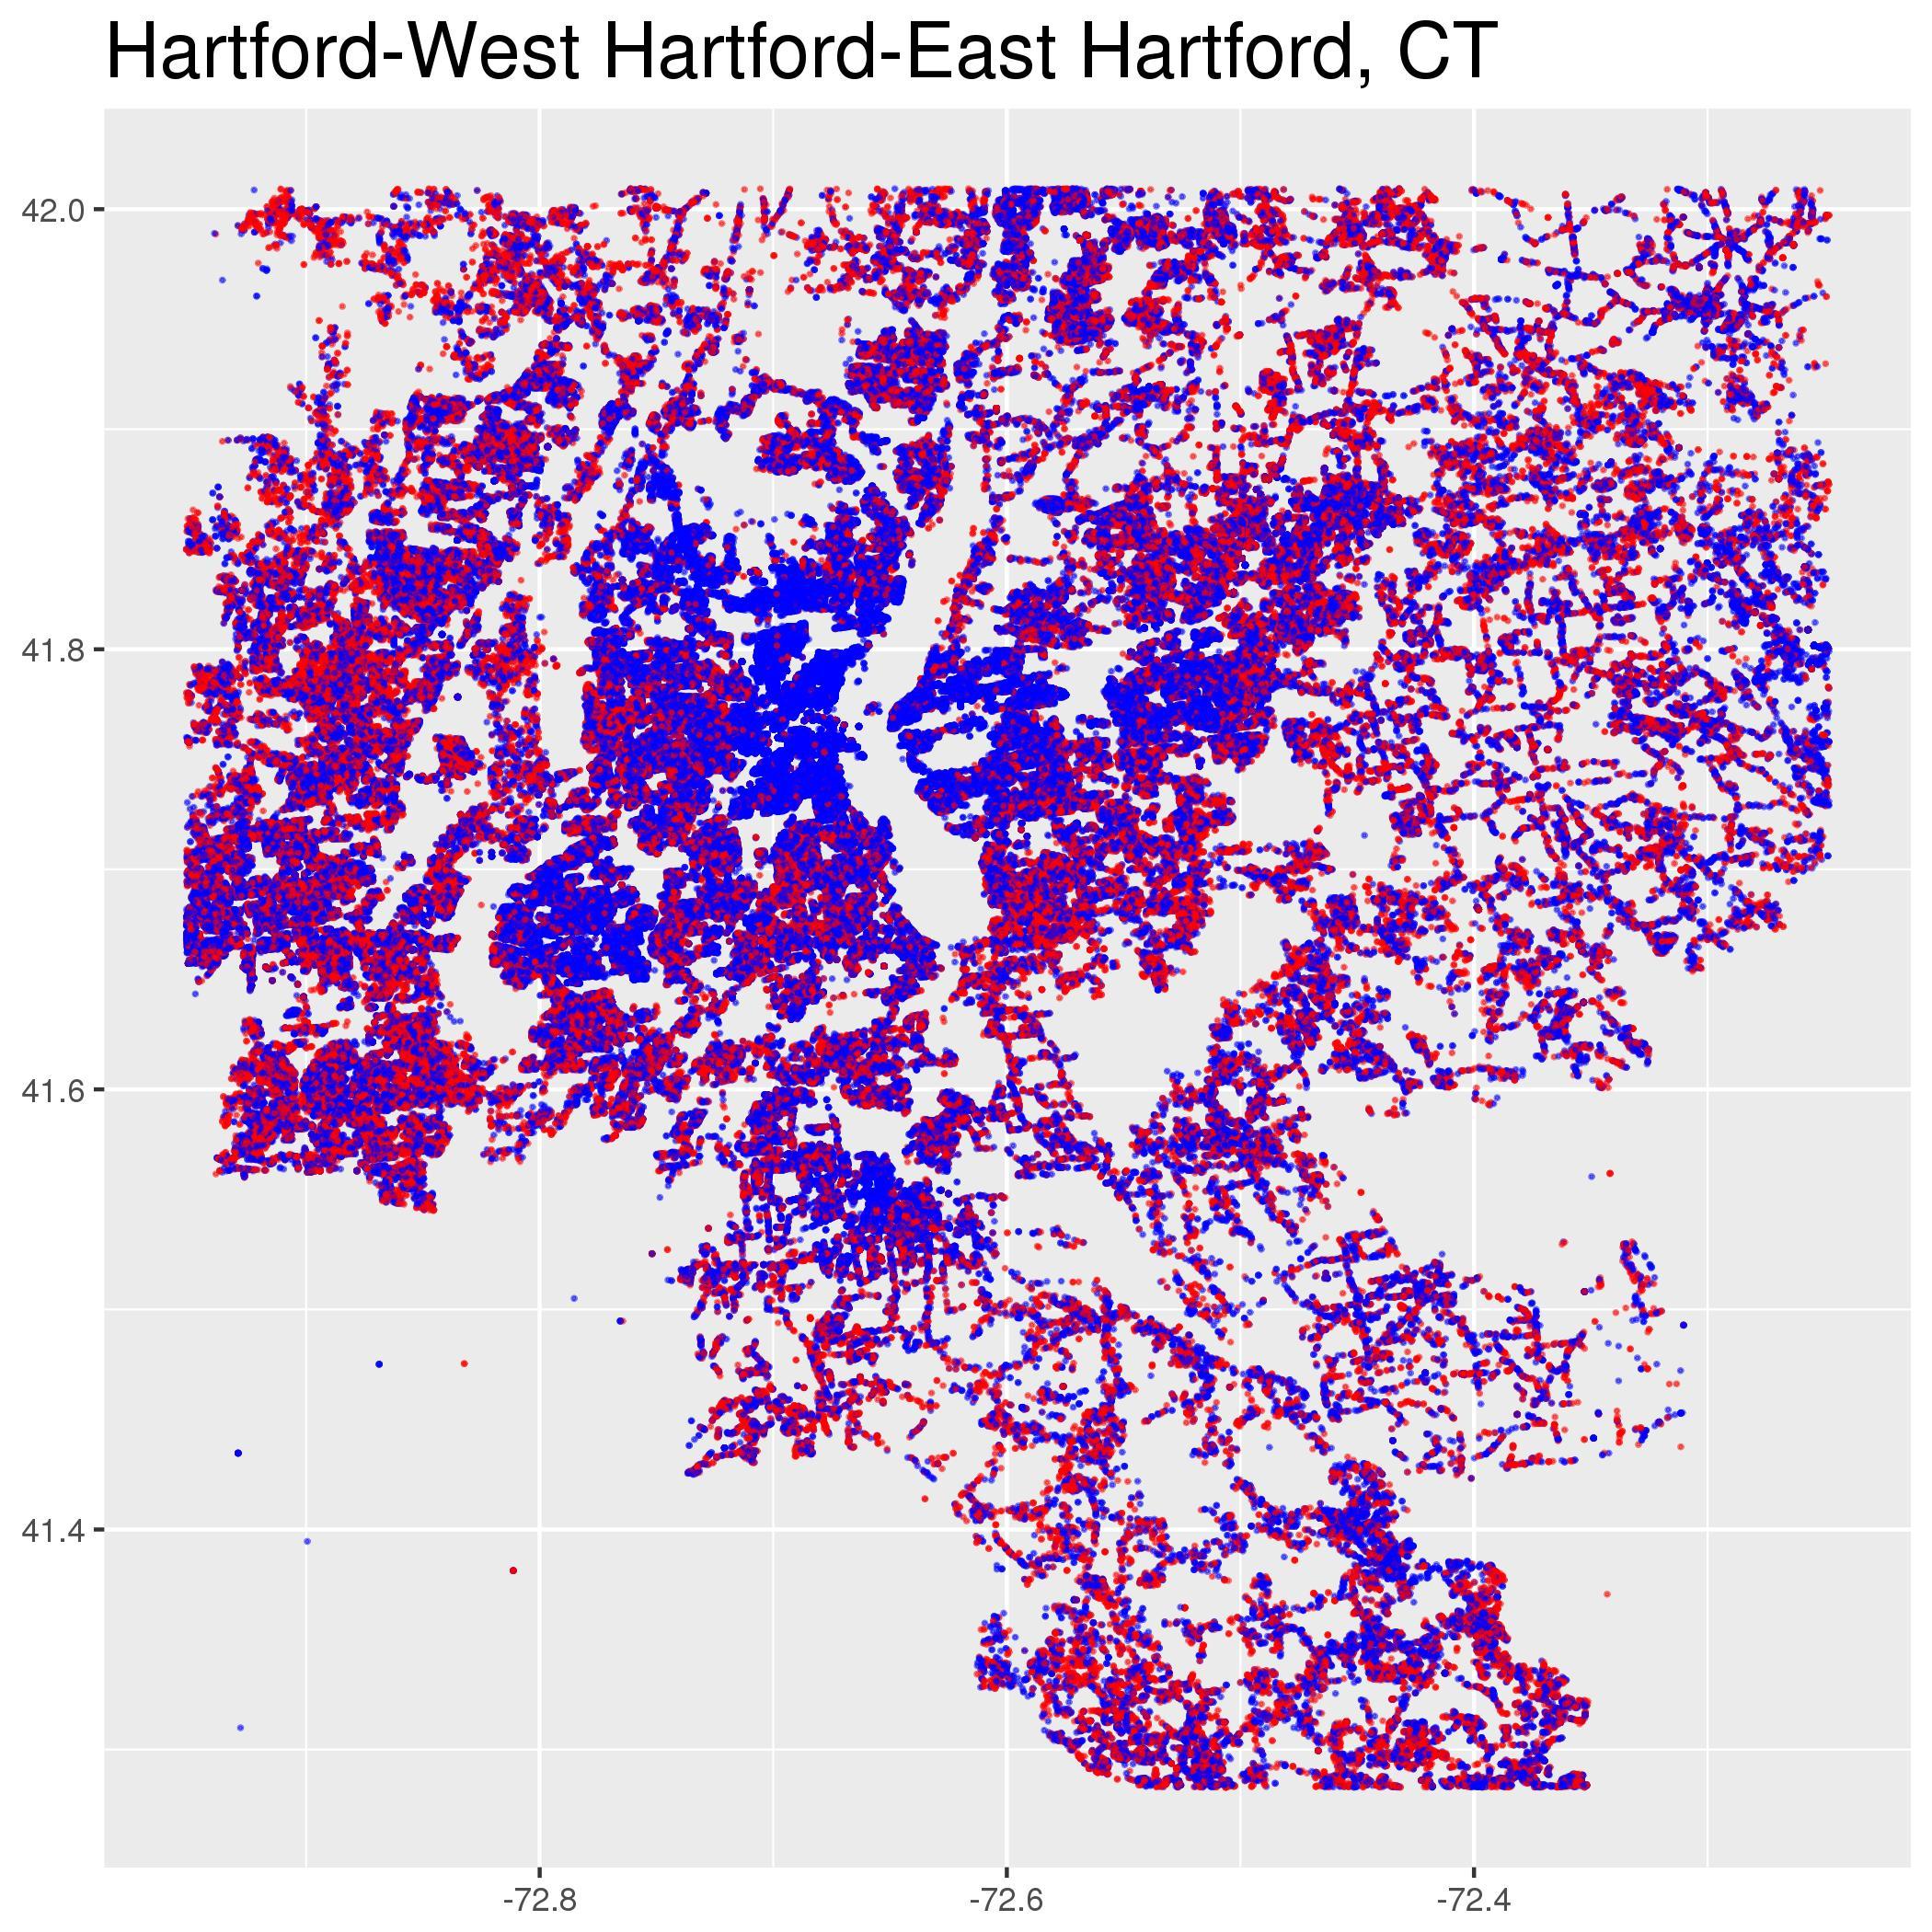 Hartford-WestHartford-EastHartfordCT.jpeg